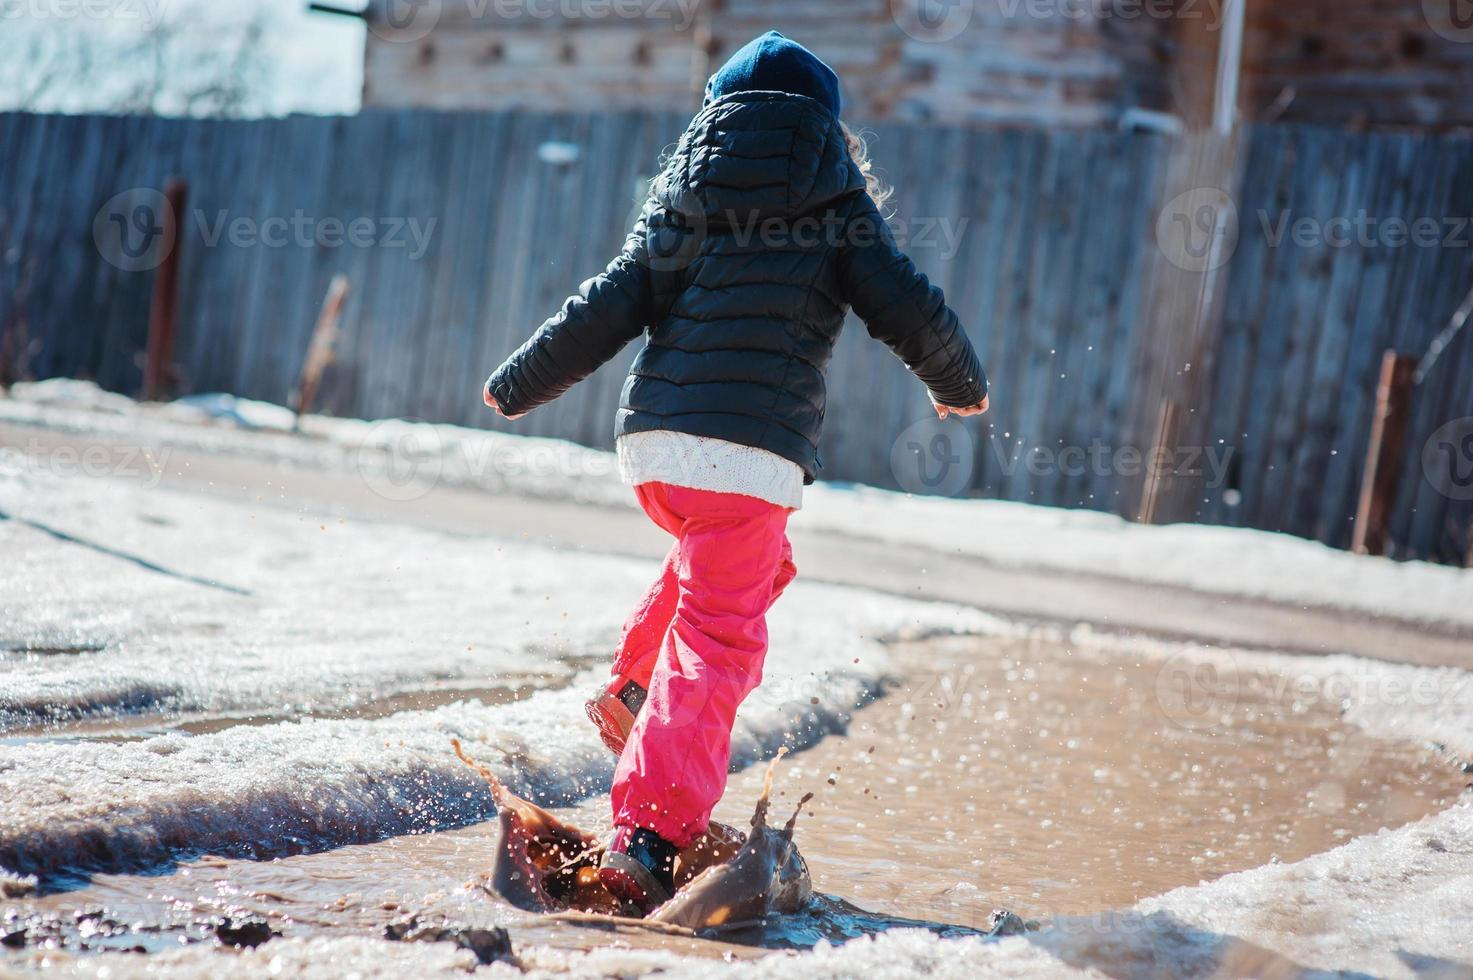 Kindermädchen spielt Pfützenspringen auf Frühlingsspaziergang, Aktivitäten im Freien foto